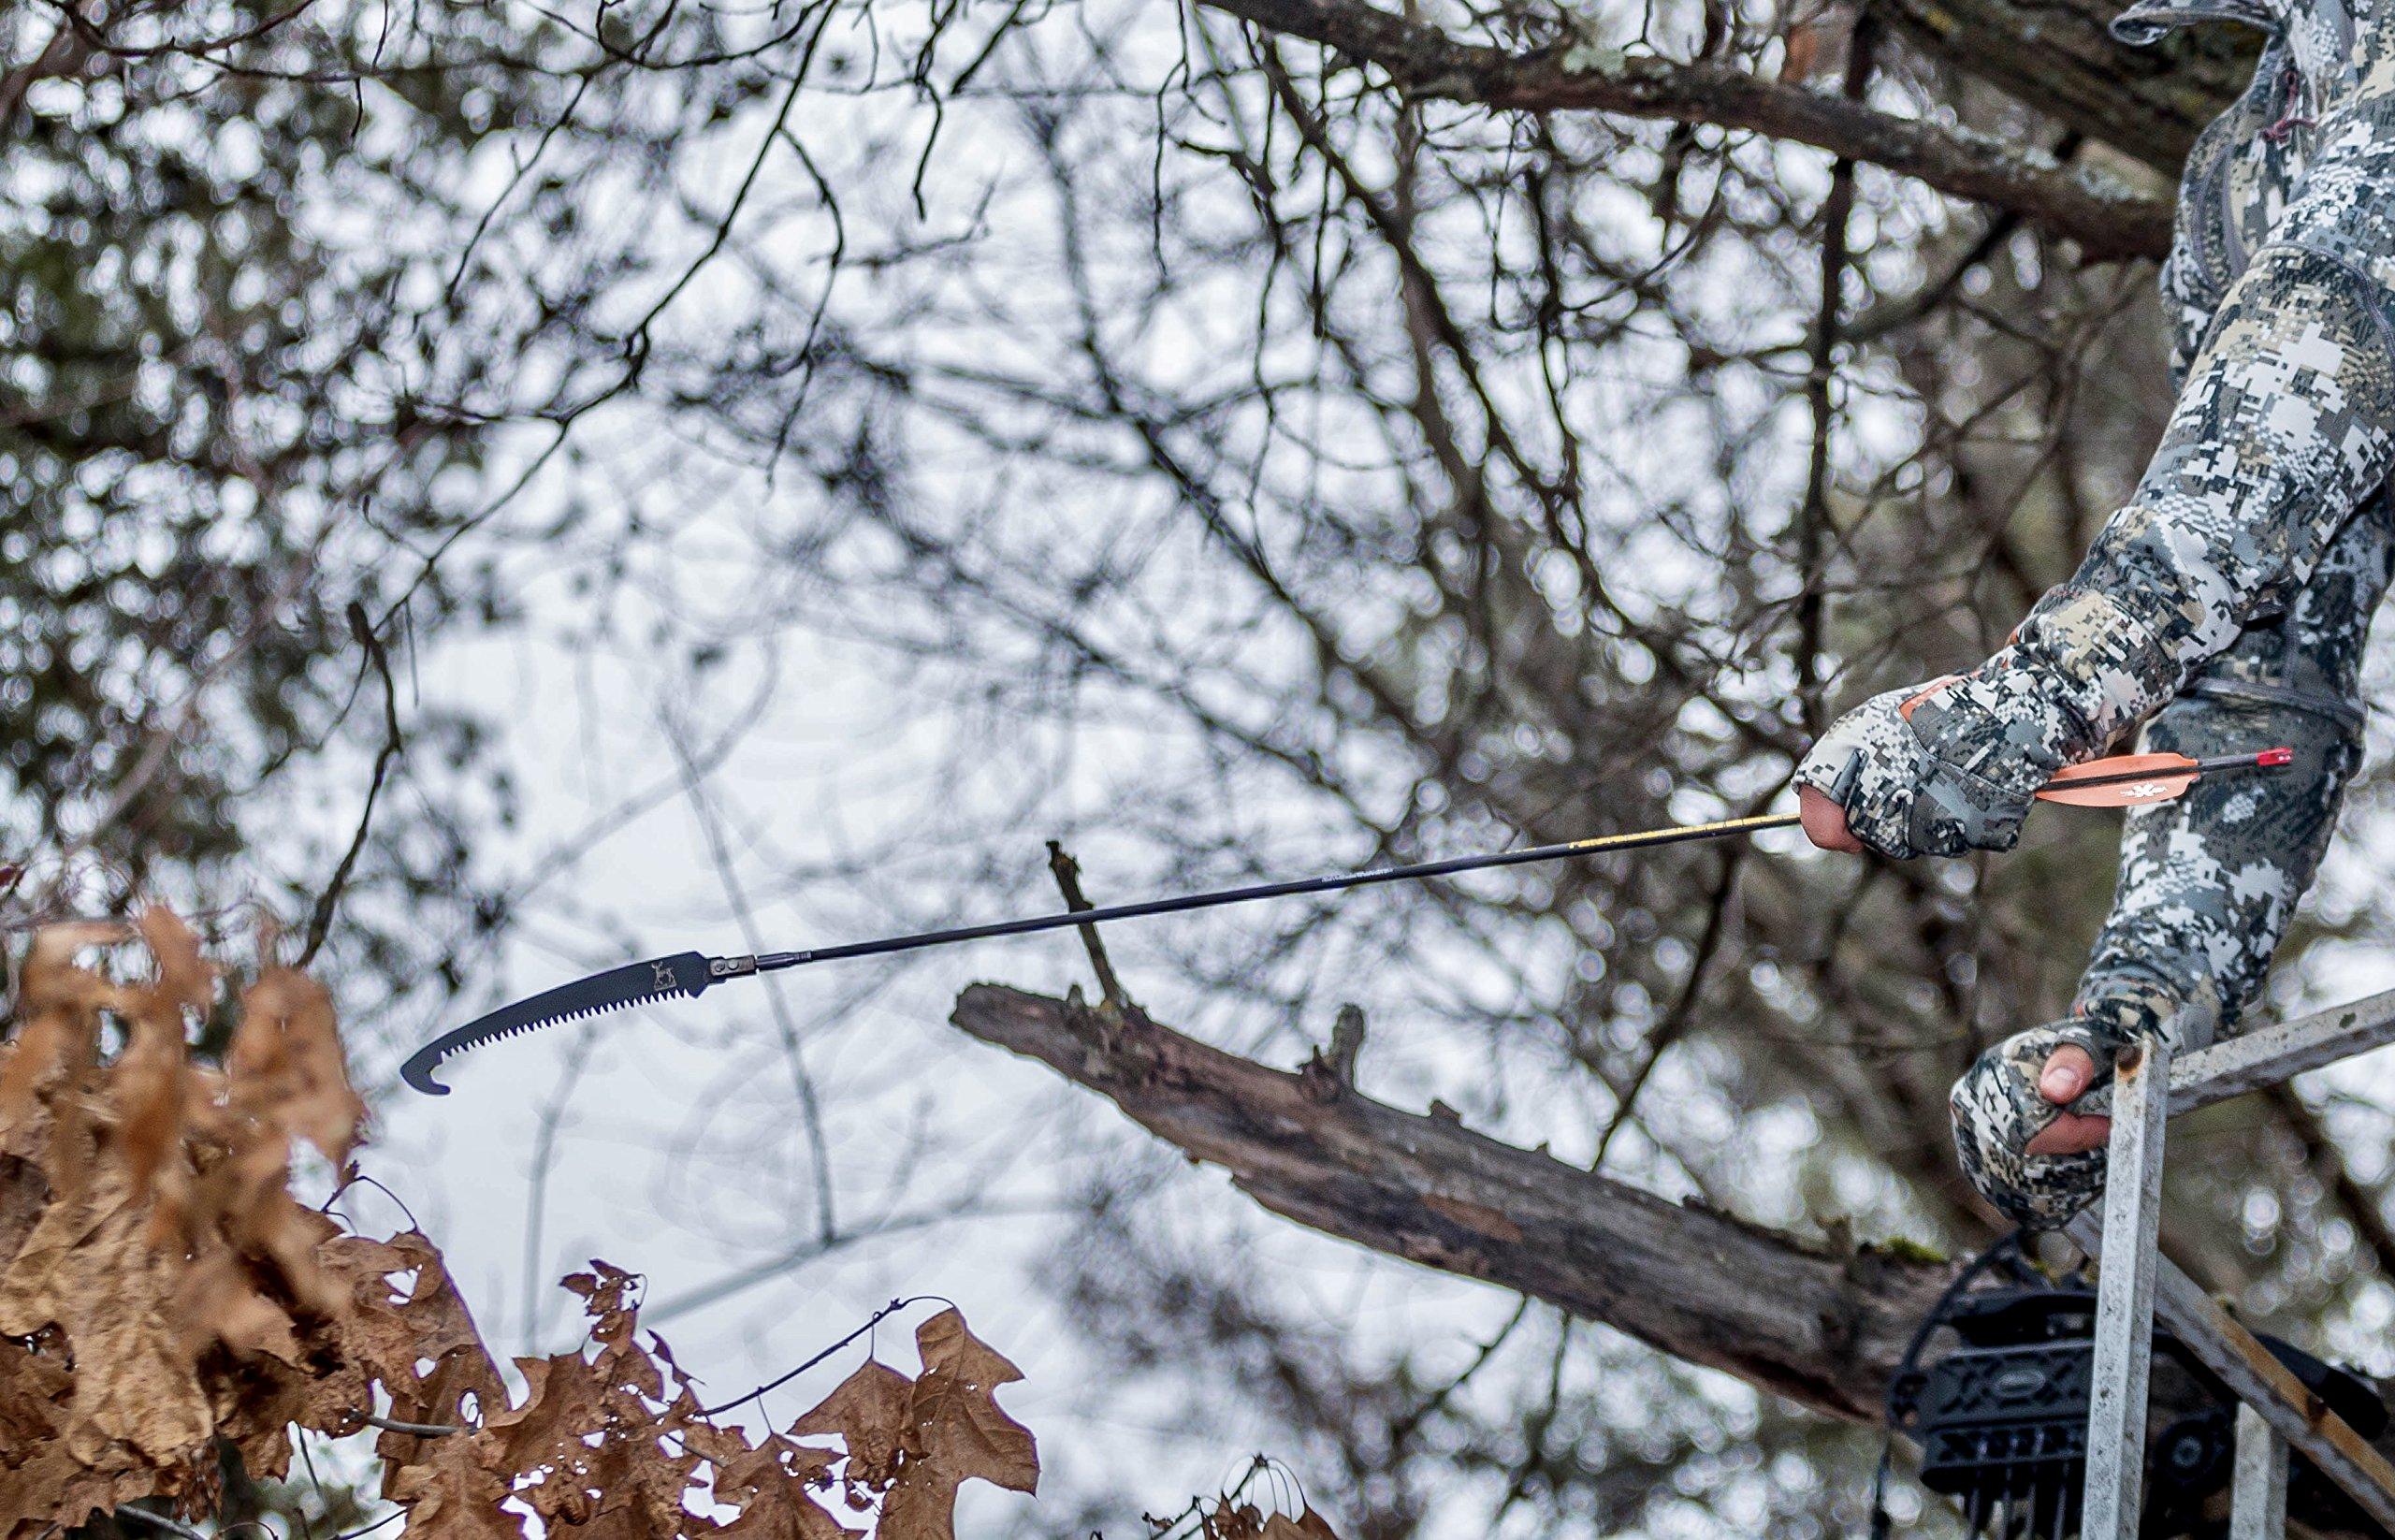 Do-All Outdoors DPAS5 Teflon Coated Arrow Saw, Black, 10.25'' x 3.75'' x 1.25''